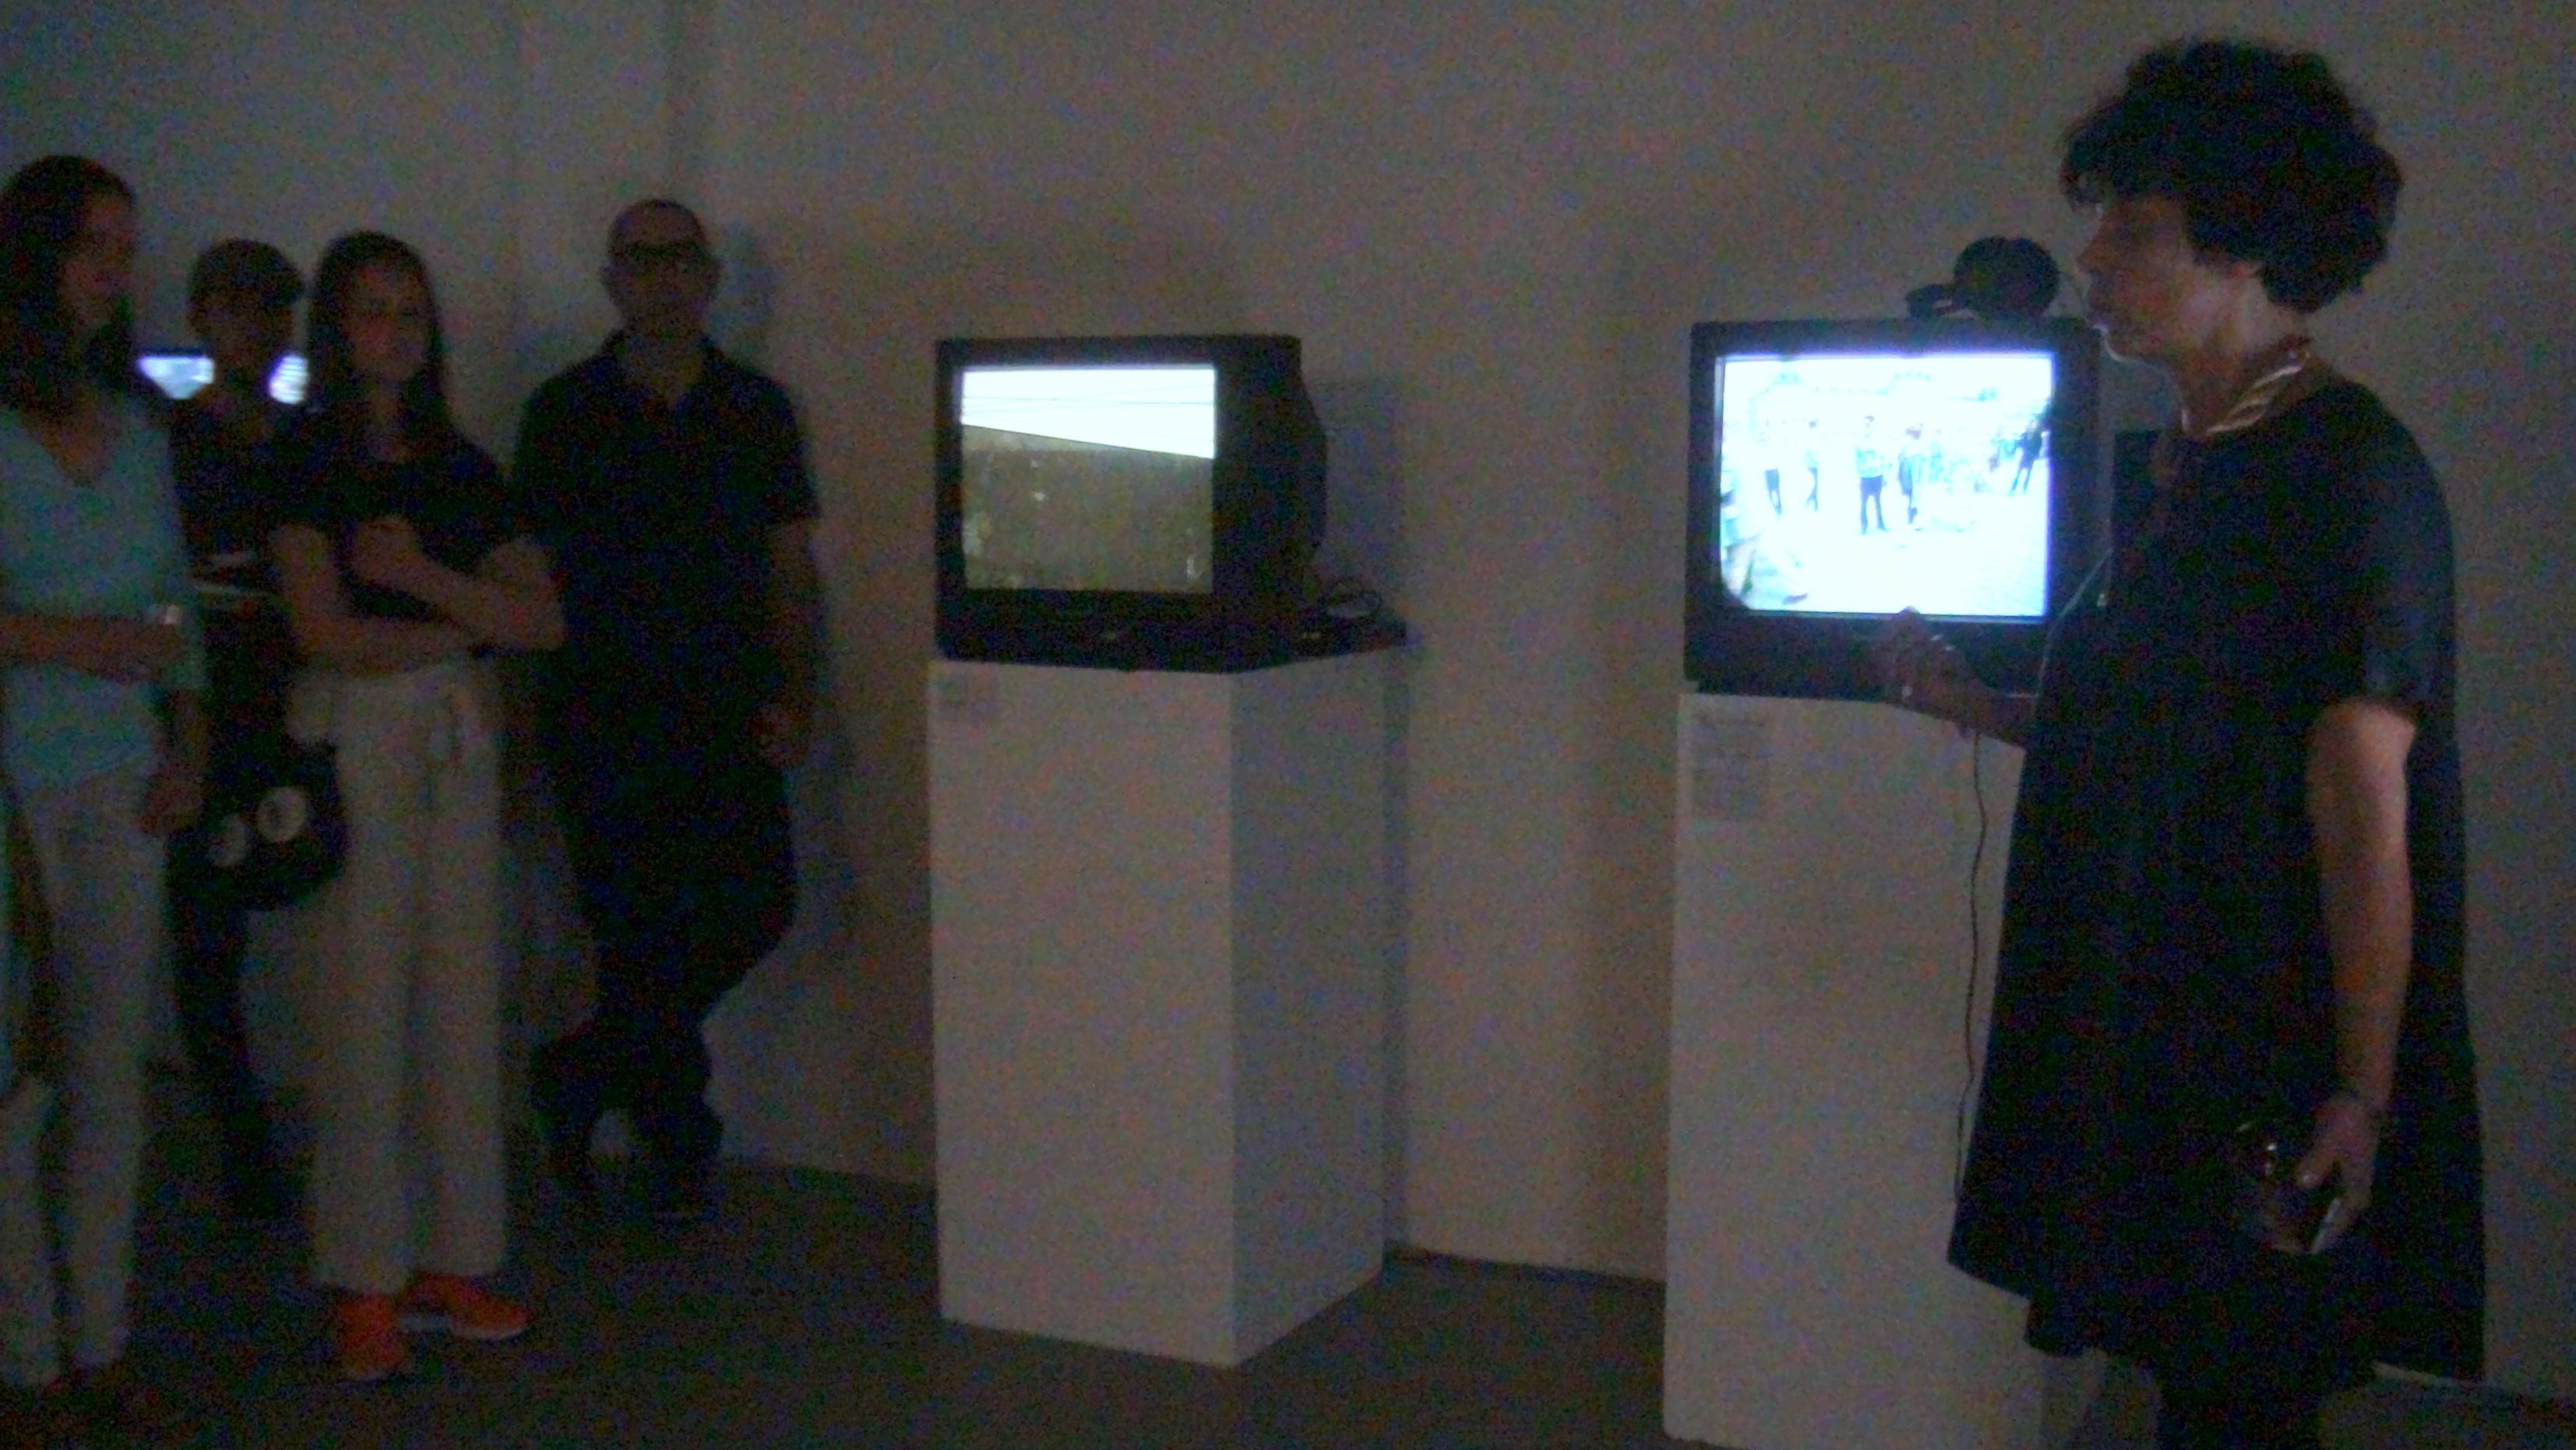 """В пълна тъмнина и на фона на звука от 9 видеоарта, кураторът на изложбата Яра Бубнова сподели със зрителите своите възгледи за """"Великата и проклетата..."""" а също и за експонатие, които я олицетворяват"""